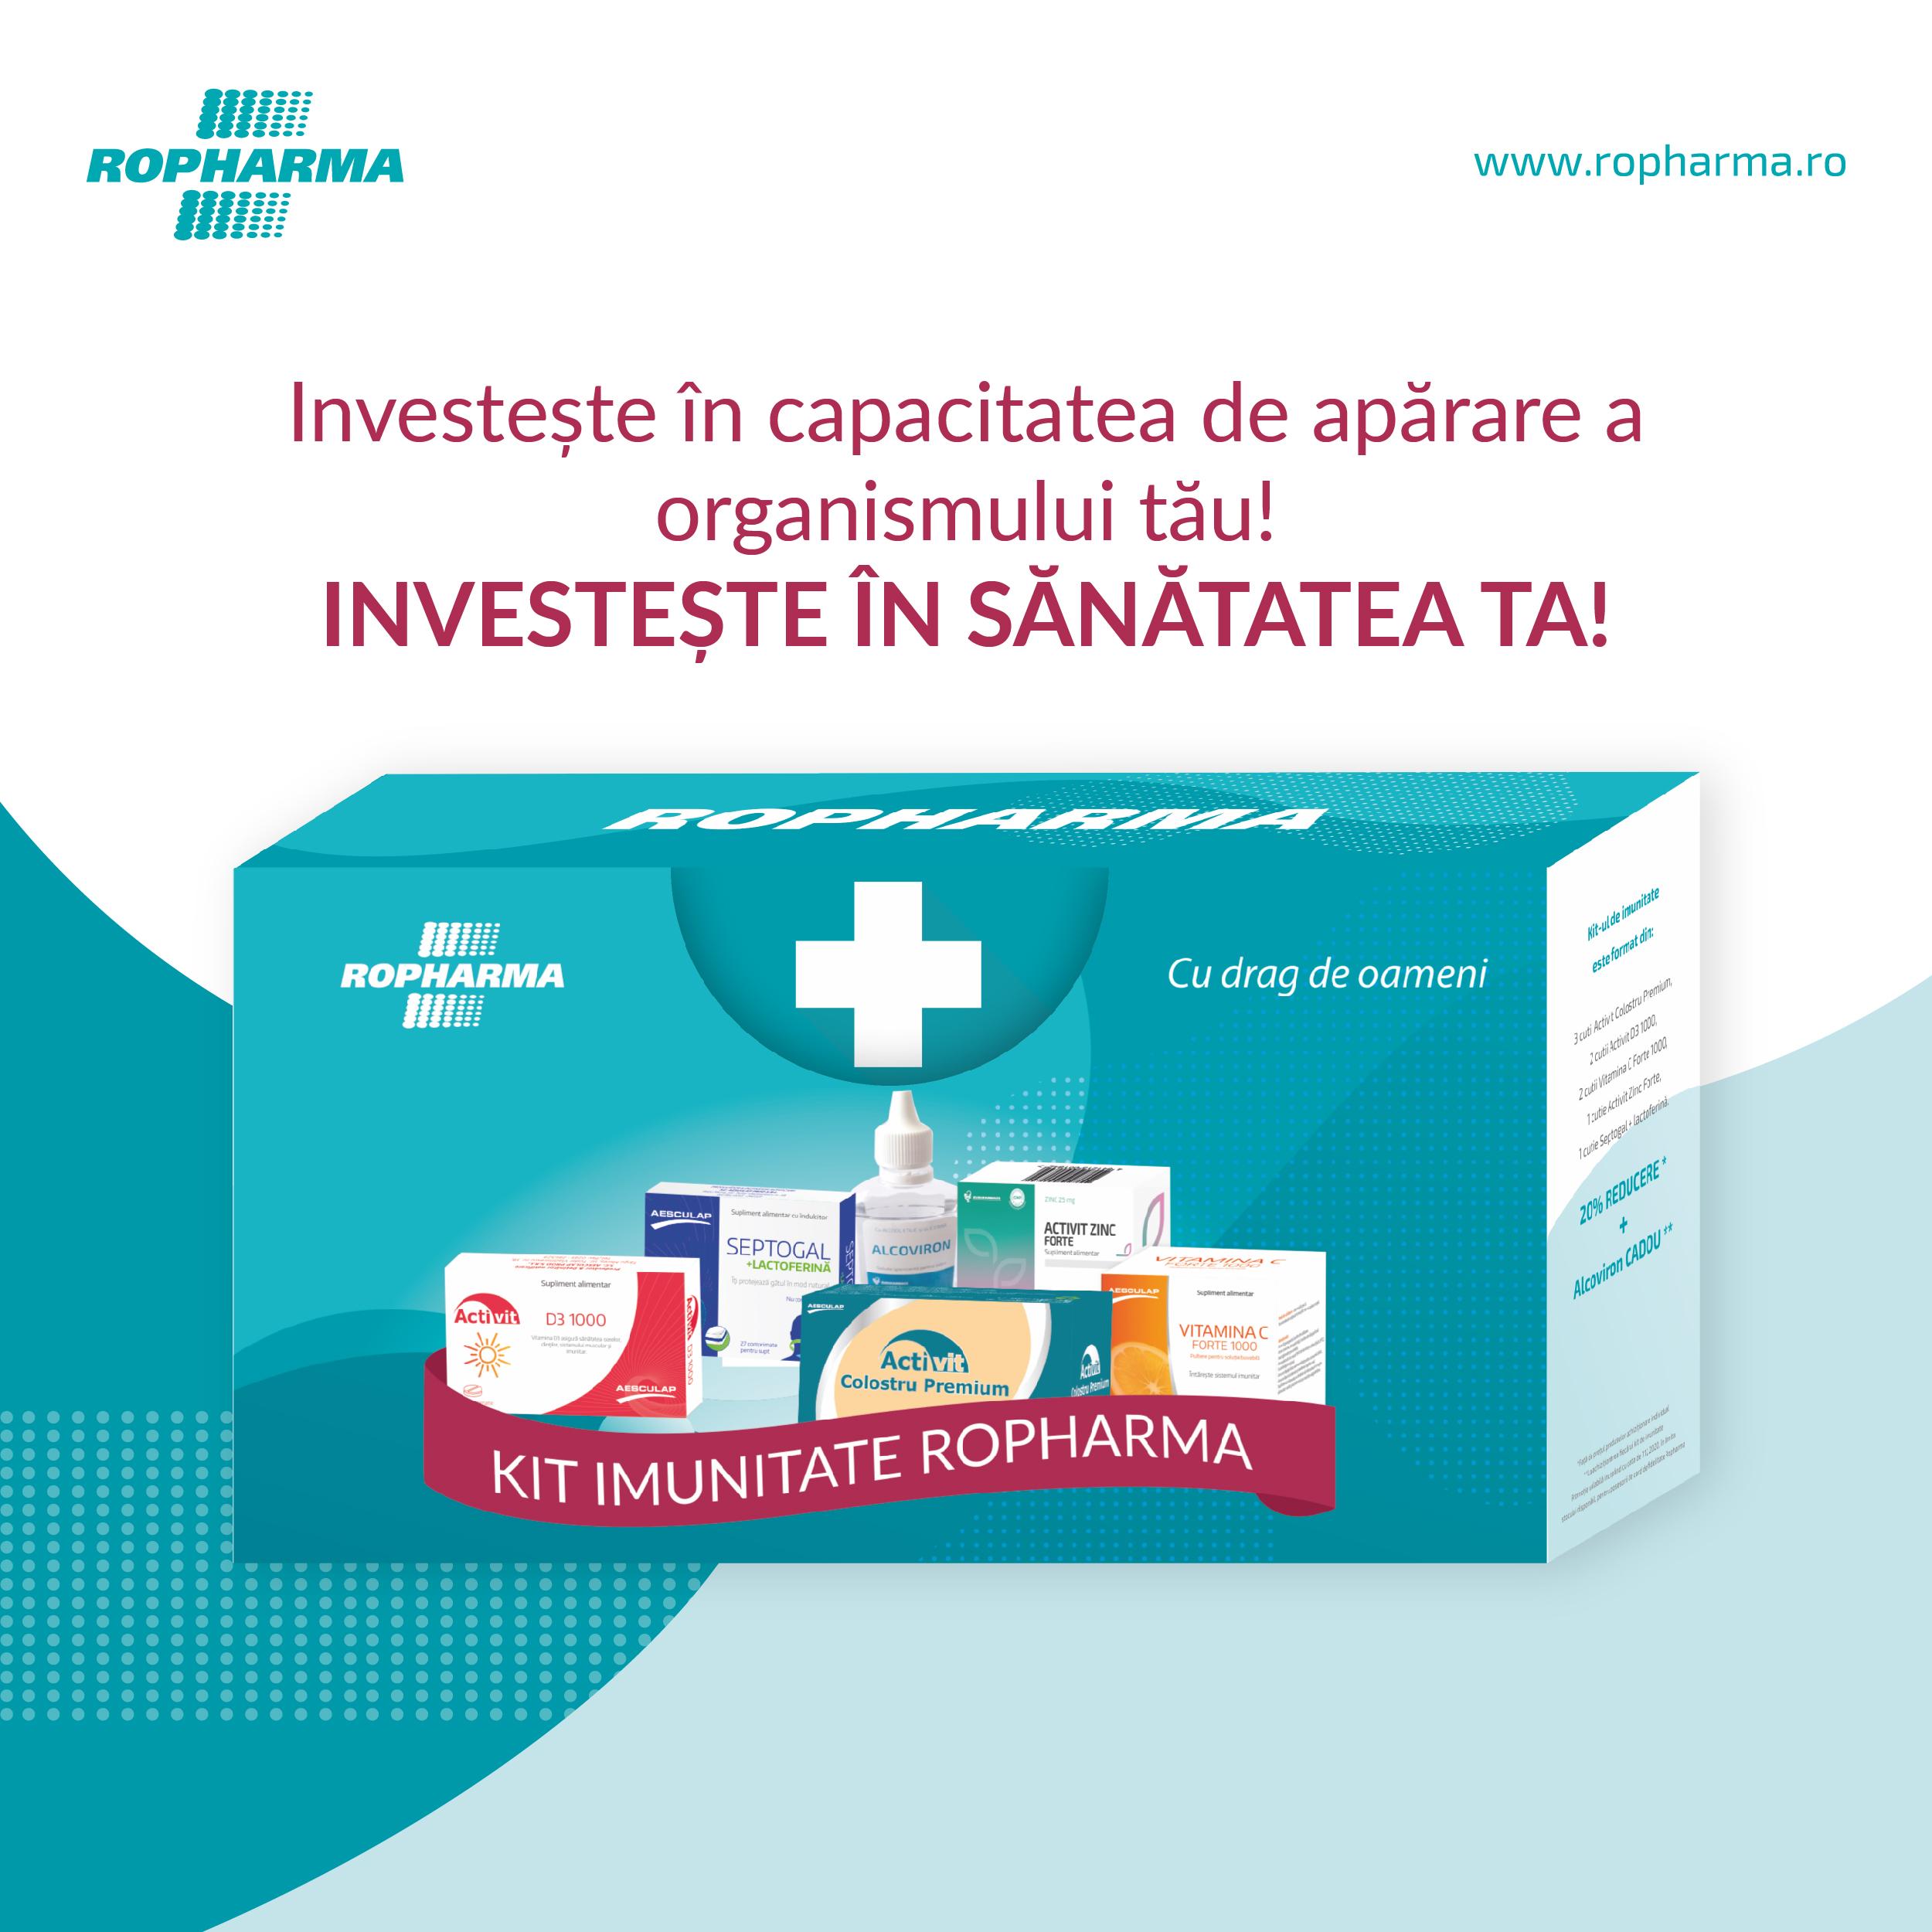 Kit IMUNITATE – Investește în sănătatea ta!